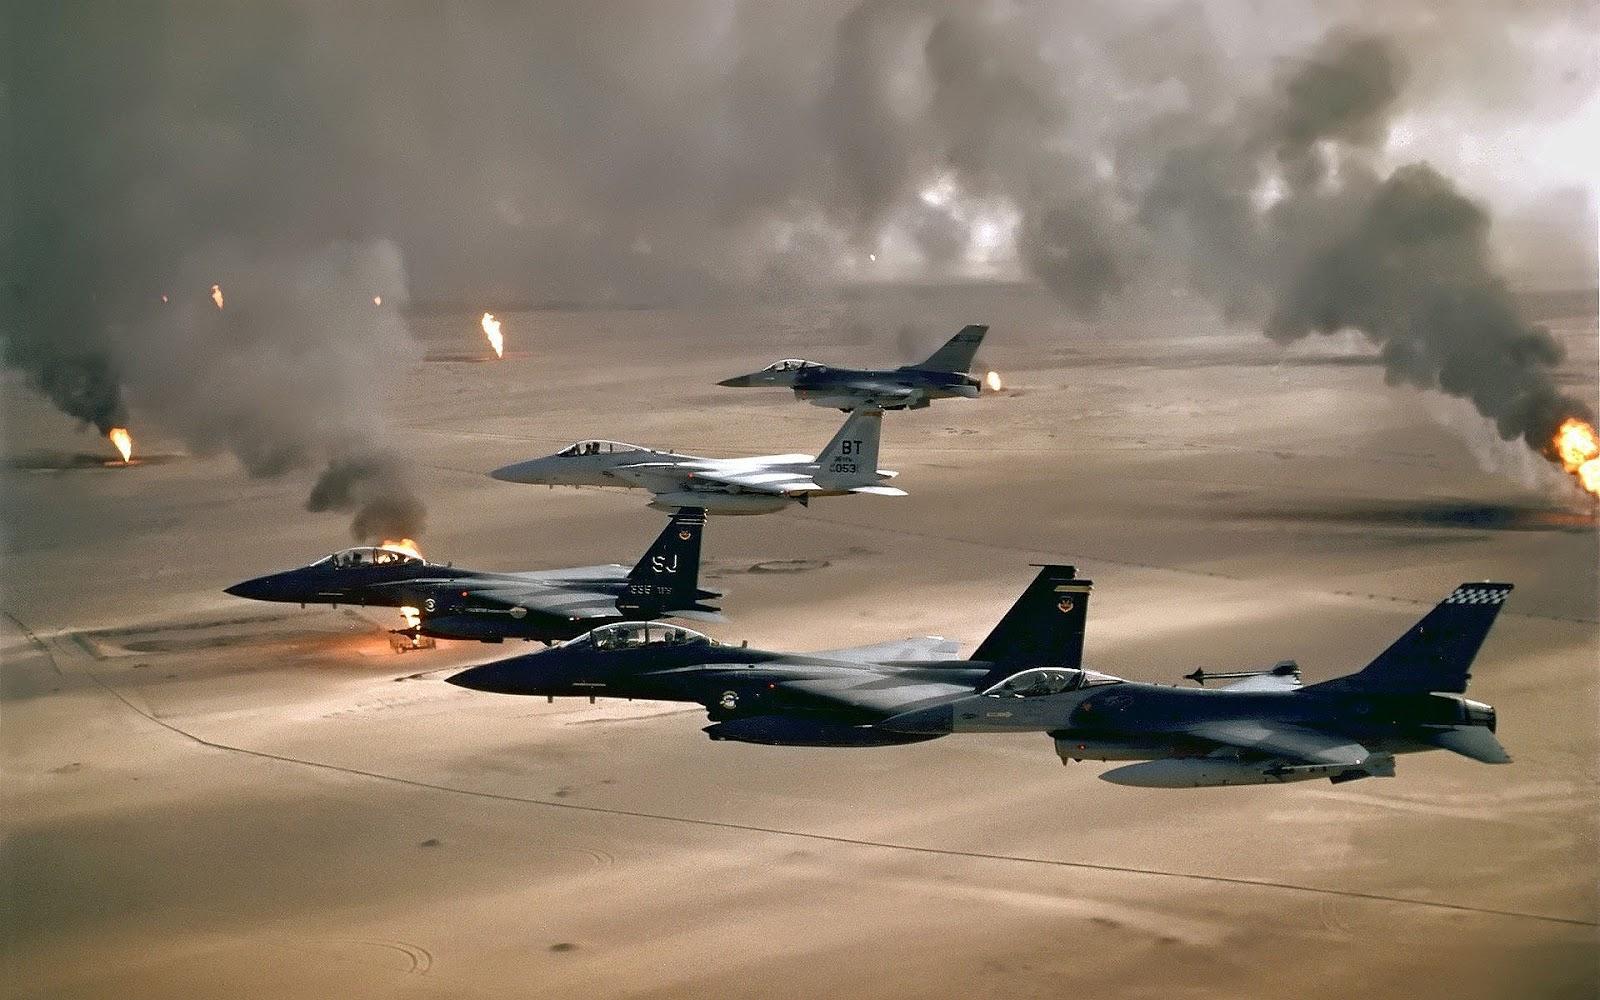 http://2.bp.blogspot.com/-_wbBNIkTDPA/T1dB_ti0KkI/AAAAAAAAa6c/rD1savCdfsA/s1600/Mooie-vliegtuigen-achtergronden-hd-vliegtuig-wallpapers-afbeelding-foto-21.jpg